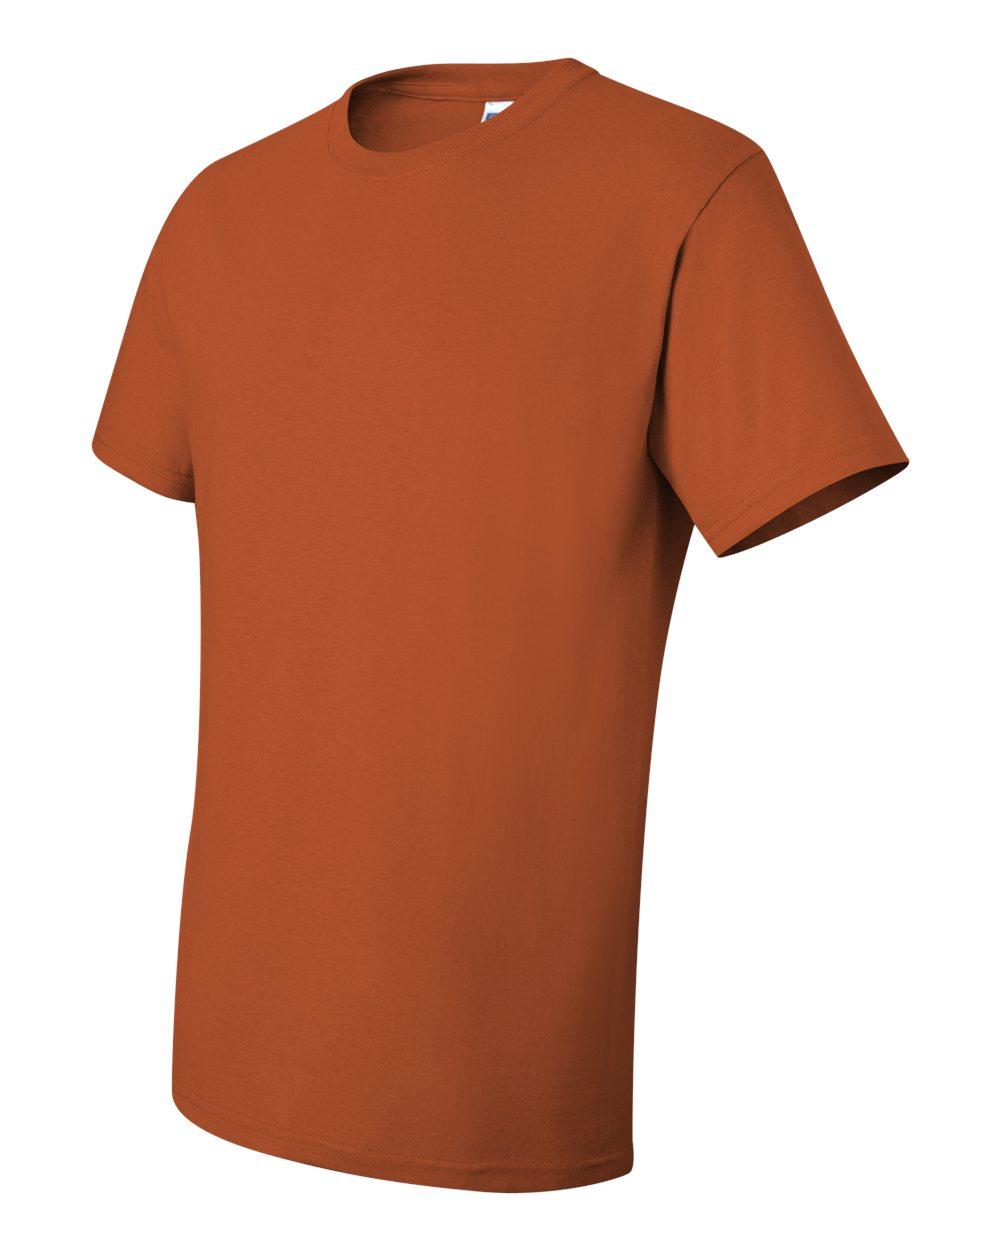 Jerzees-Men-039-s-5-6-oz-50-50-Heavyweight-Blend-T-Shirt-29M-S-4XL thumbnail 33